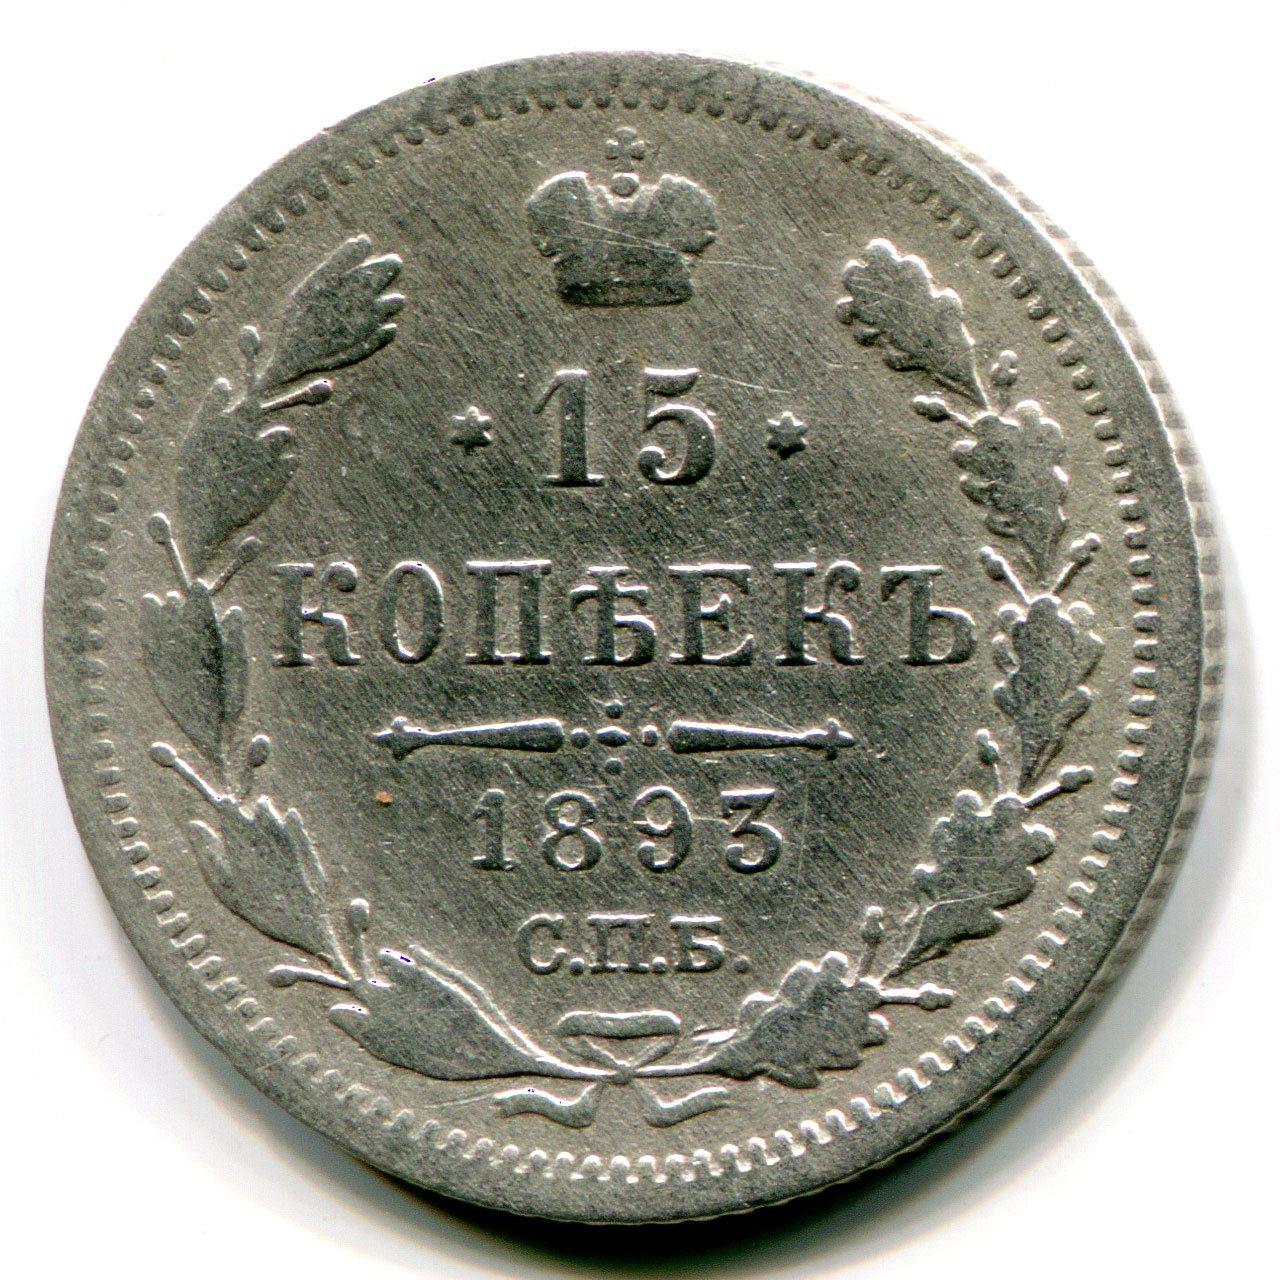 15 копеек 1893 filt